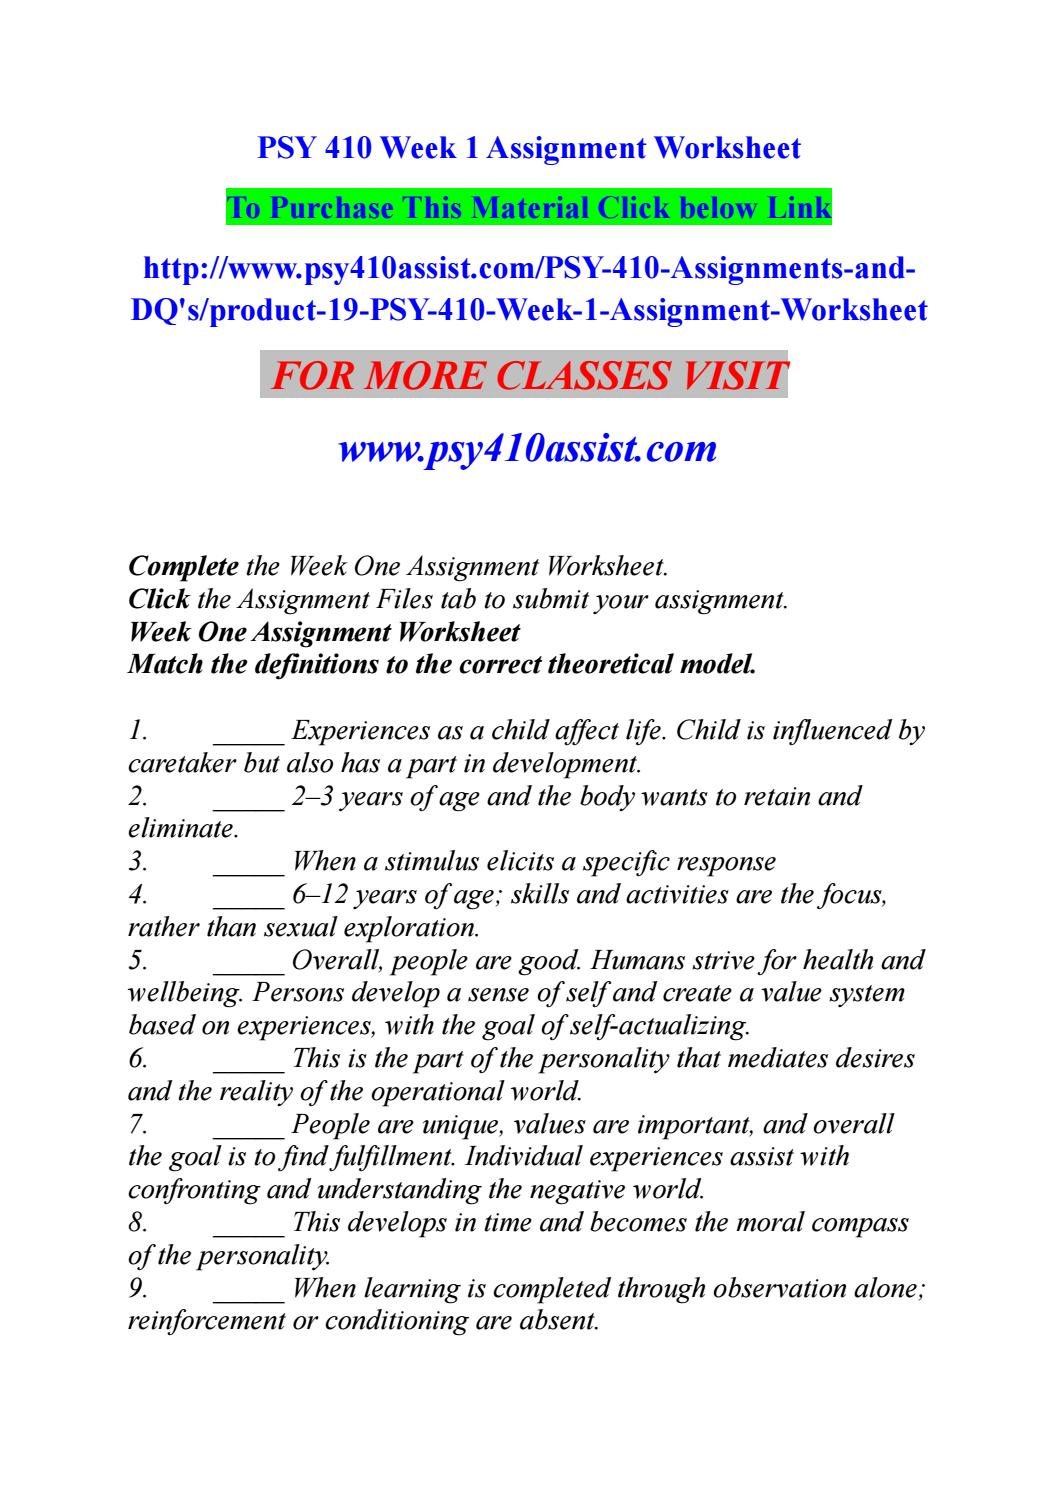 psy 410 week 1 worksheet